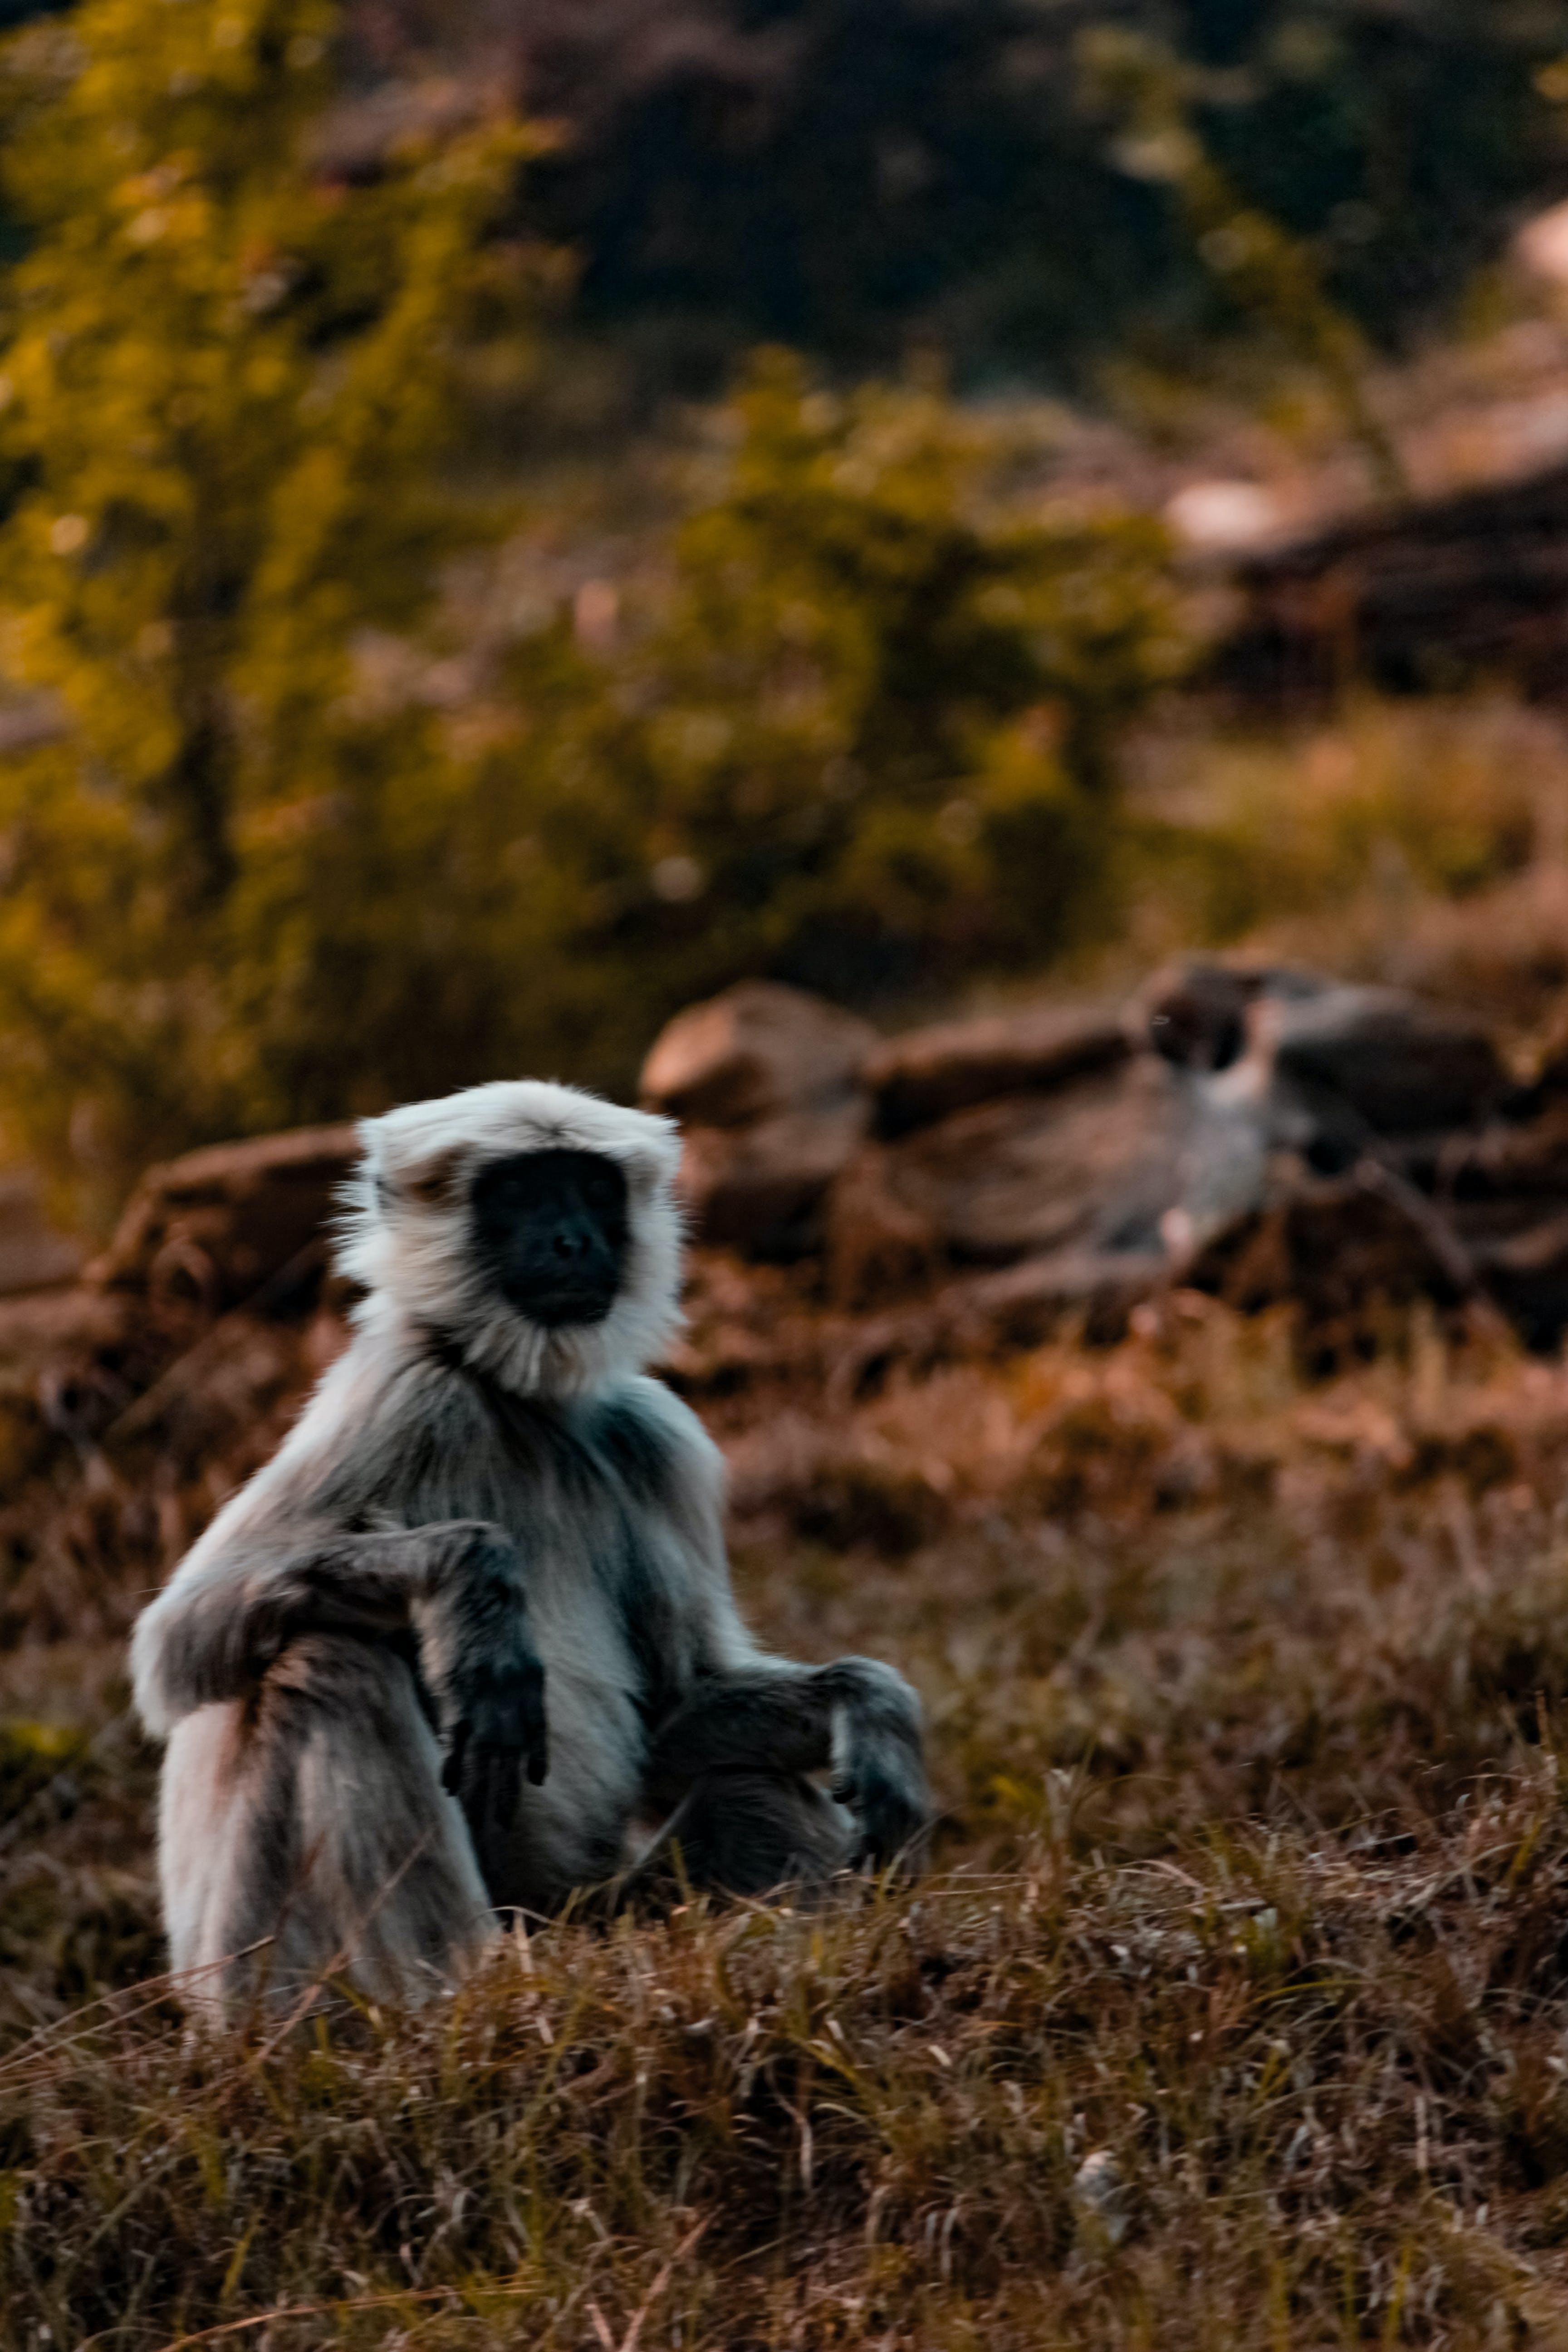 Fotos de stock gratuitas de animal, césped, fauna, Fondo de pantalla 4k